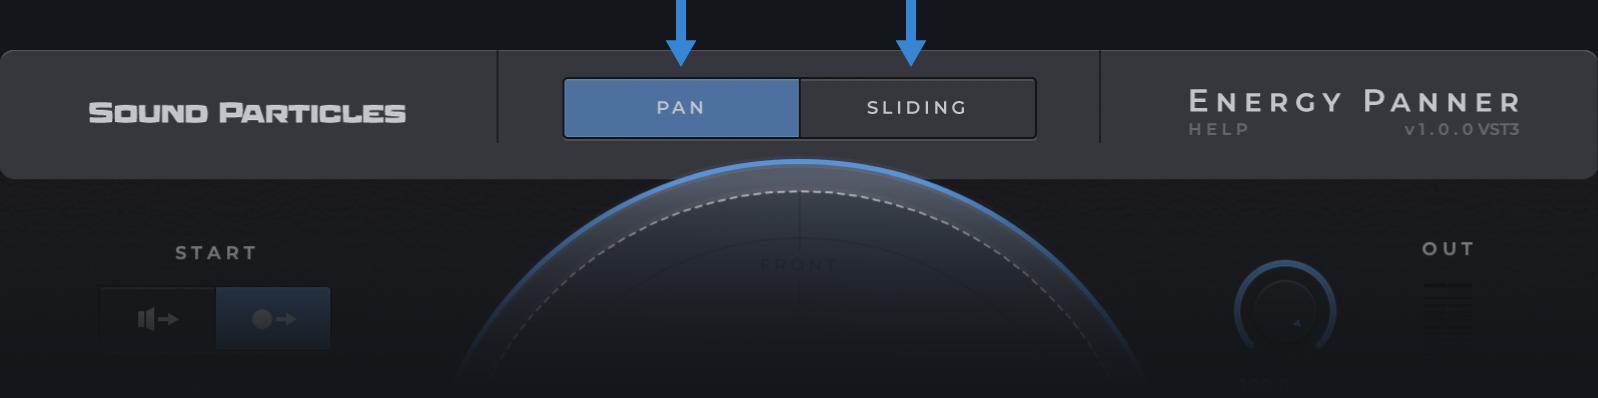 pan sliding - transparent